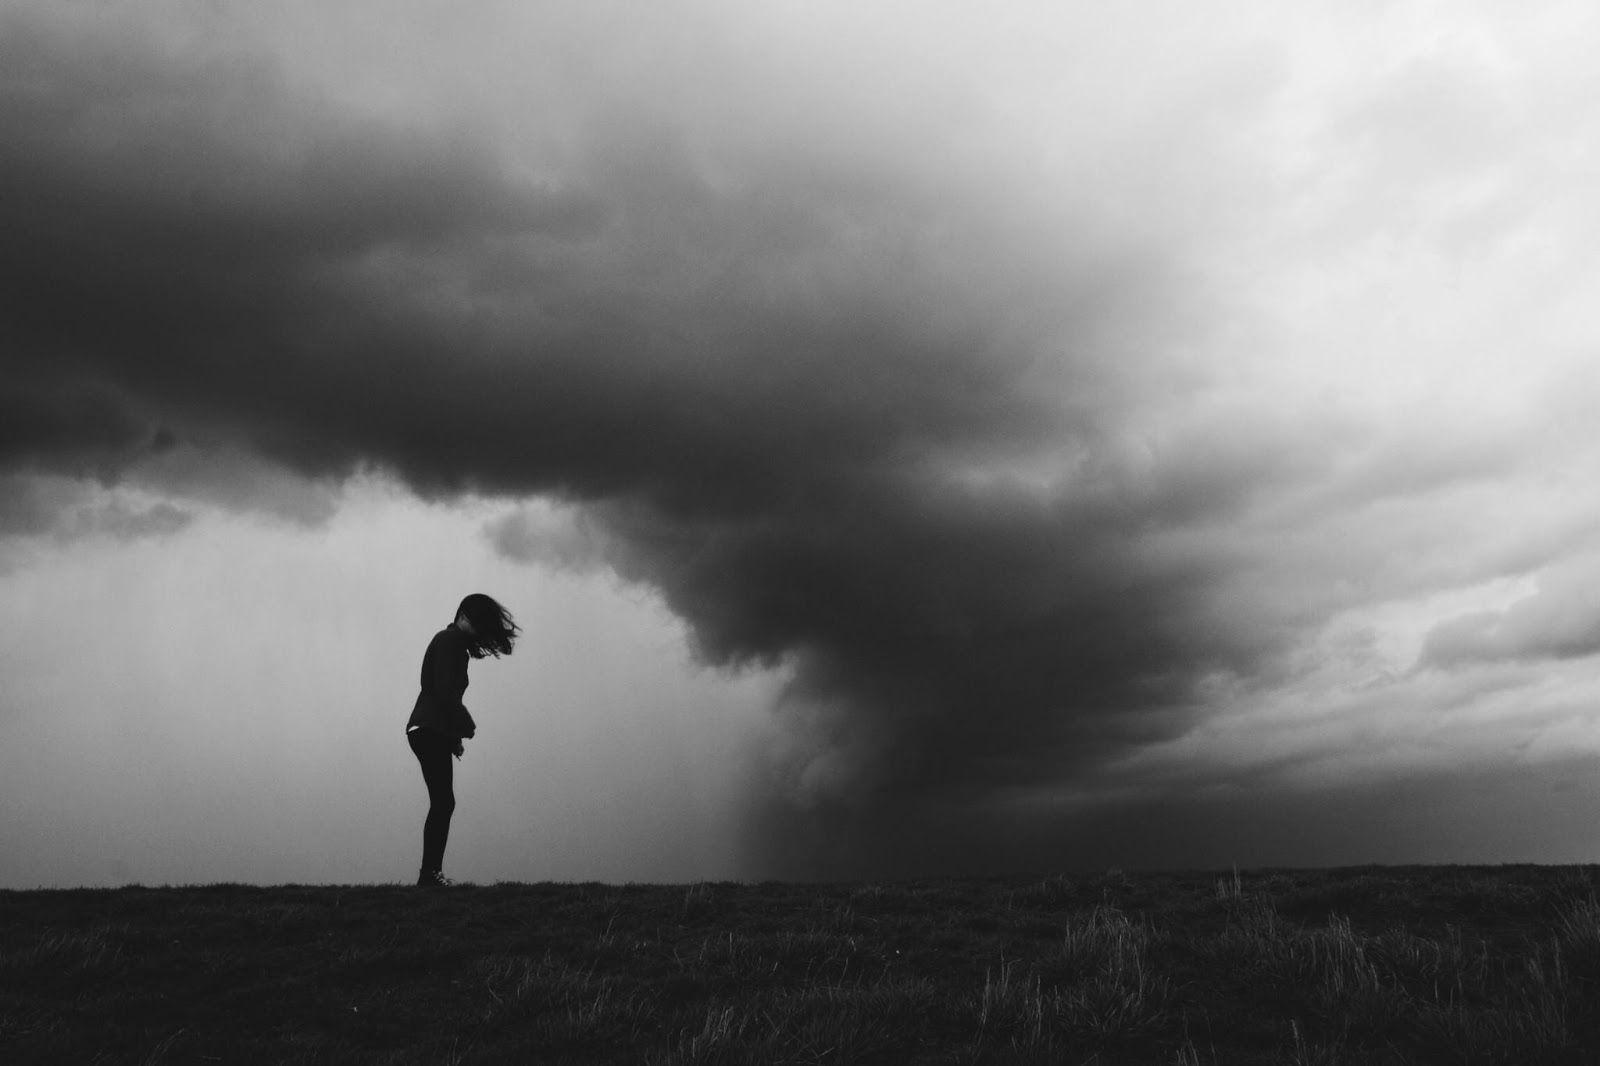 Pavel Tereshkovets | White Silence